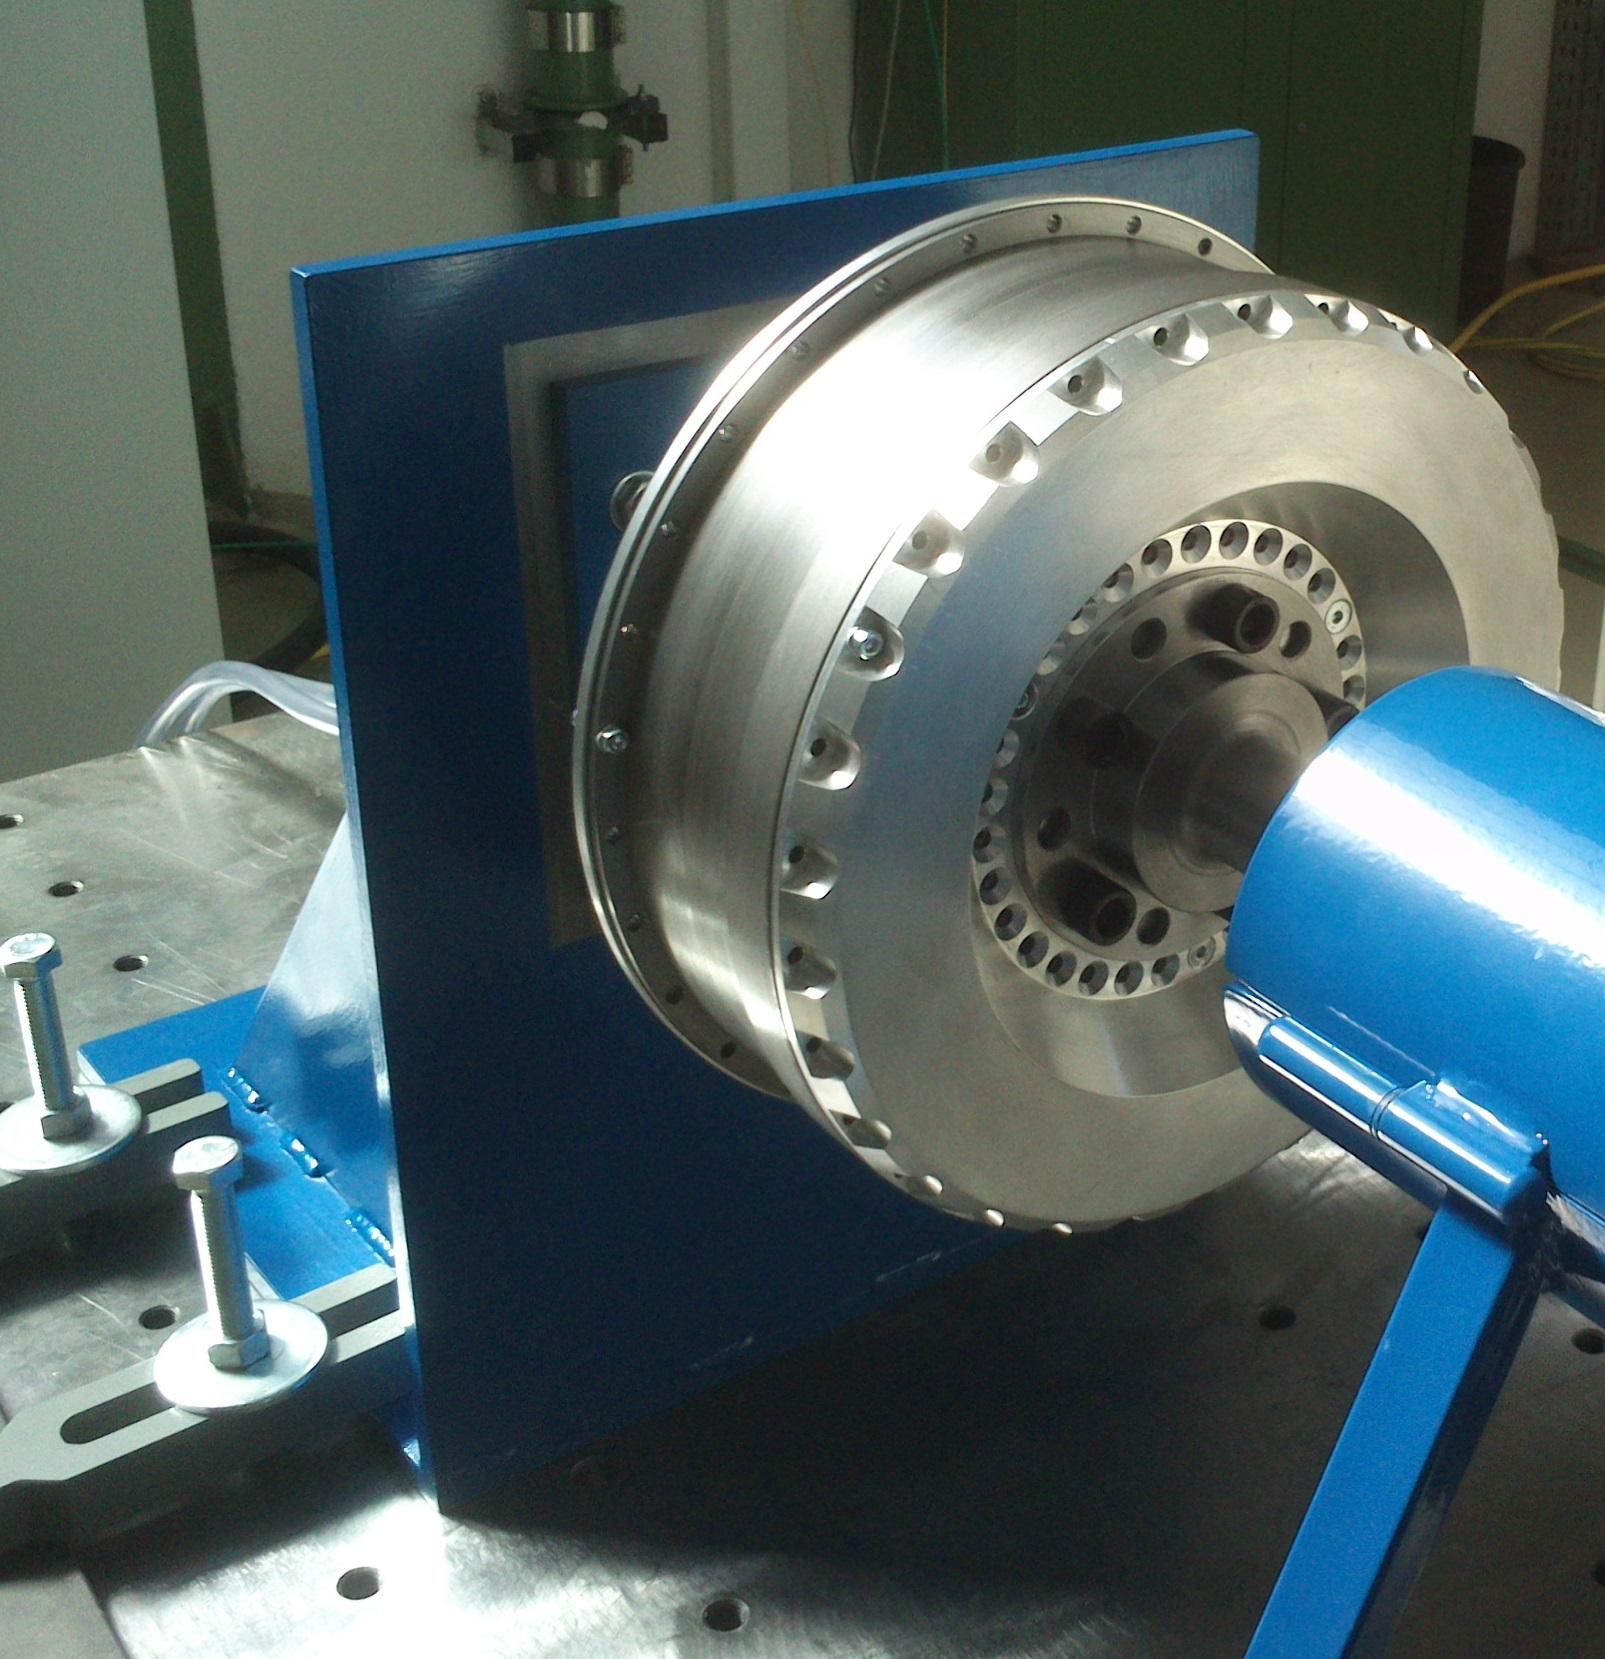 Bild 2 Radnabenmotor Elisa-Eins auf dem Leistungsprüfstand. Bild: Verfasser